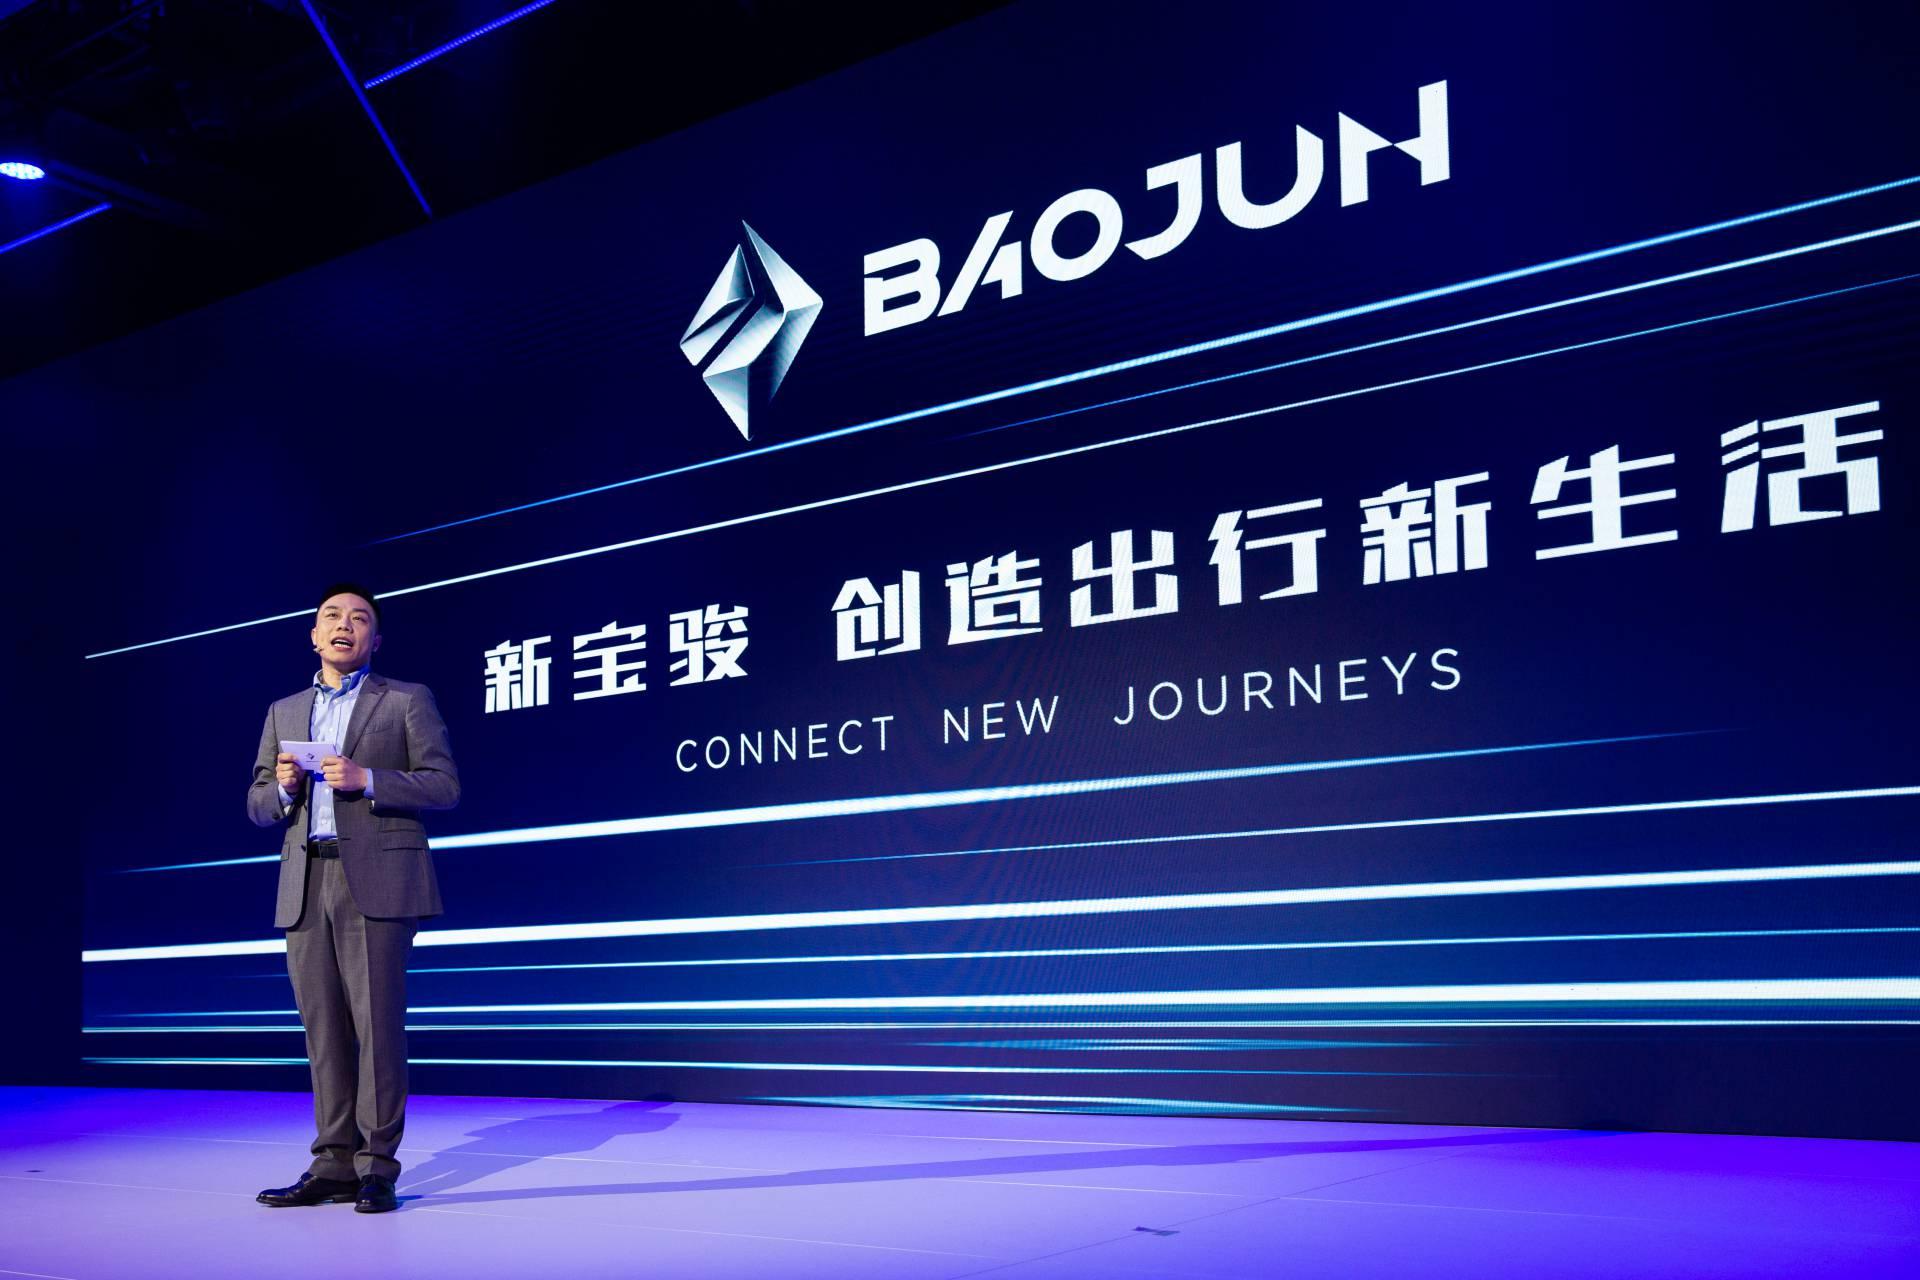 Baojun-RS-5-and-RM-C-Concept-23